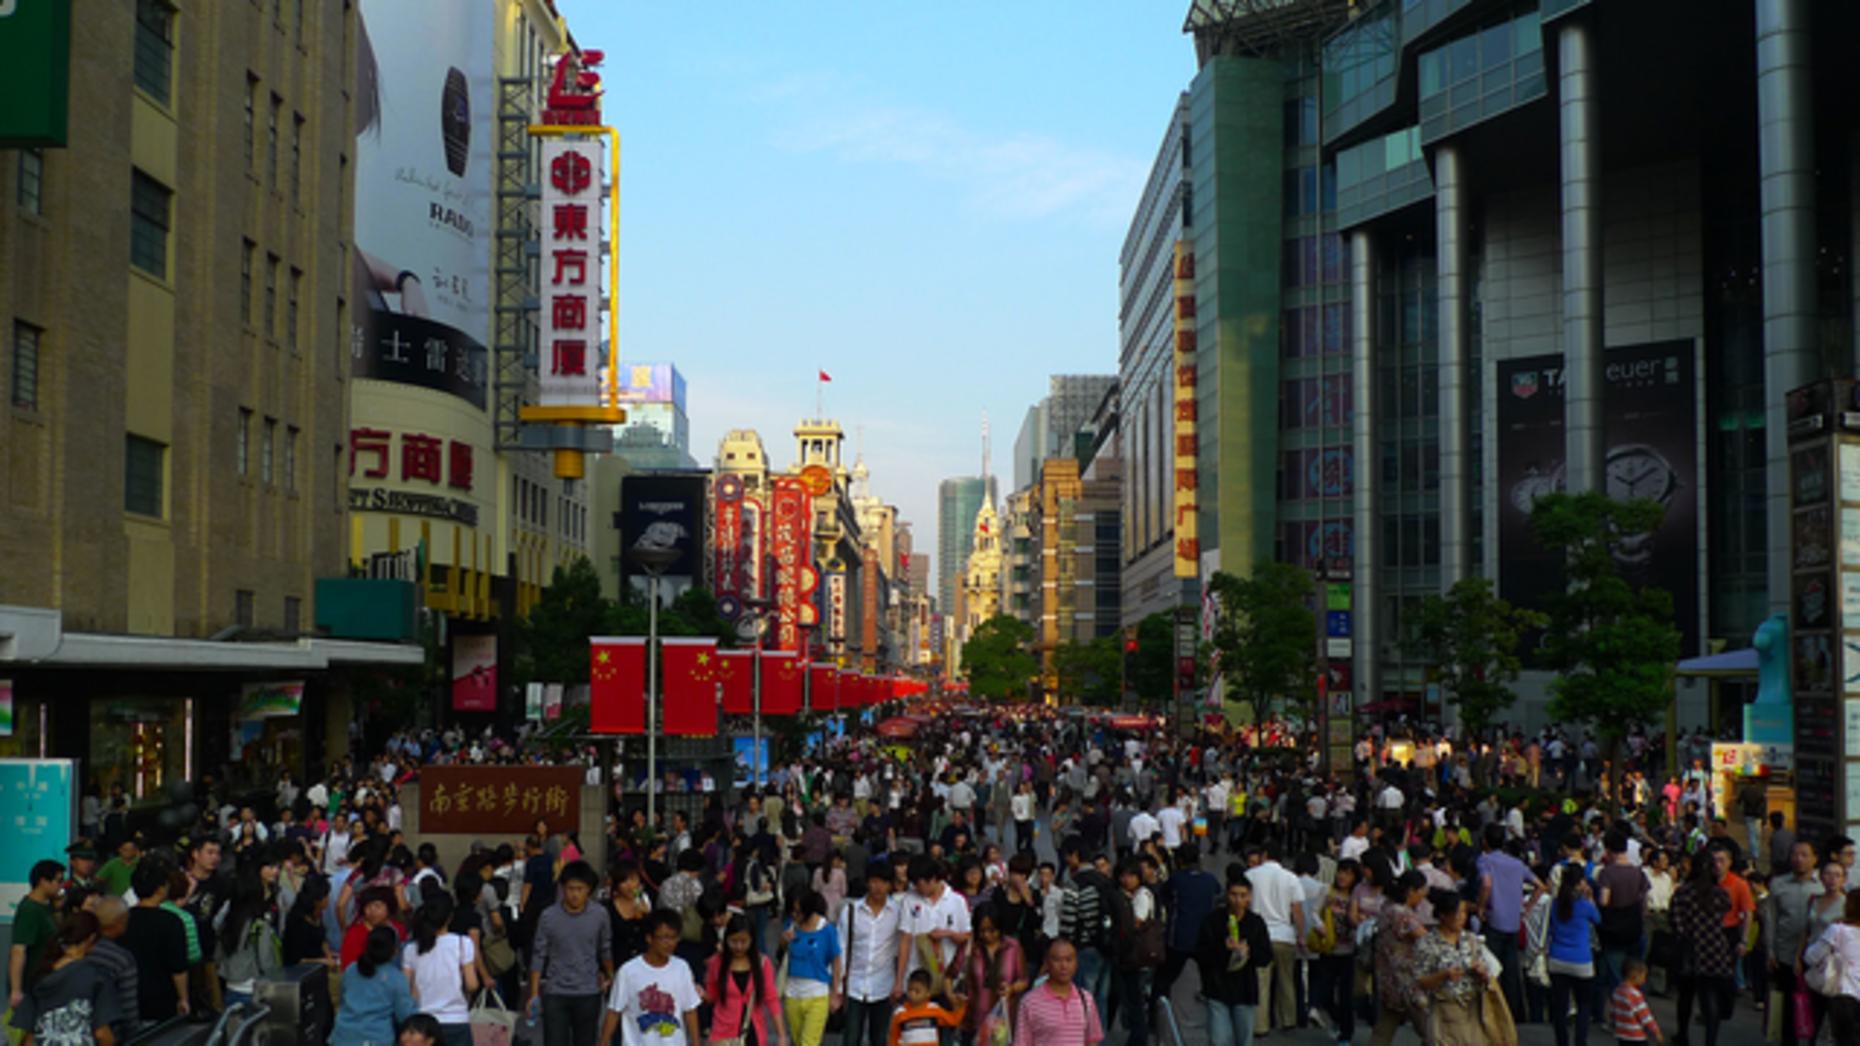 Pedestrians in Shanghai. Flickr/Drew Bates